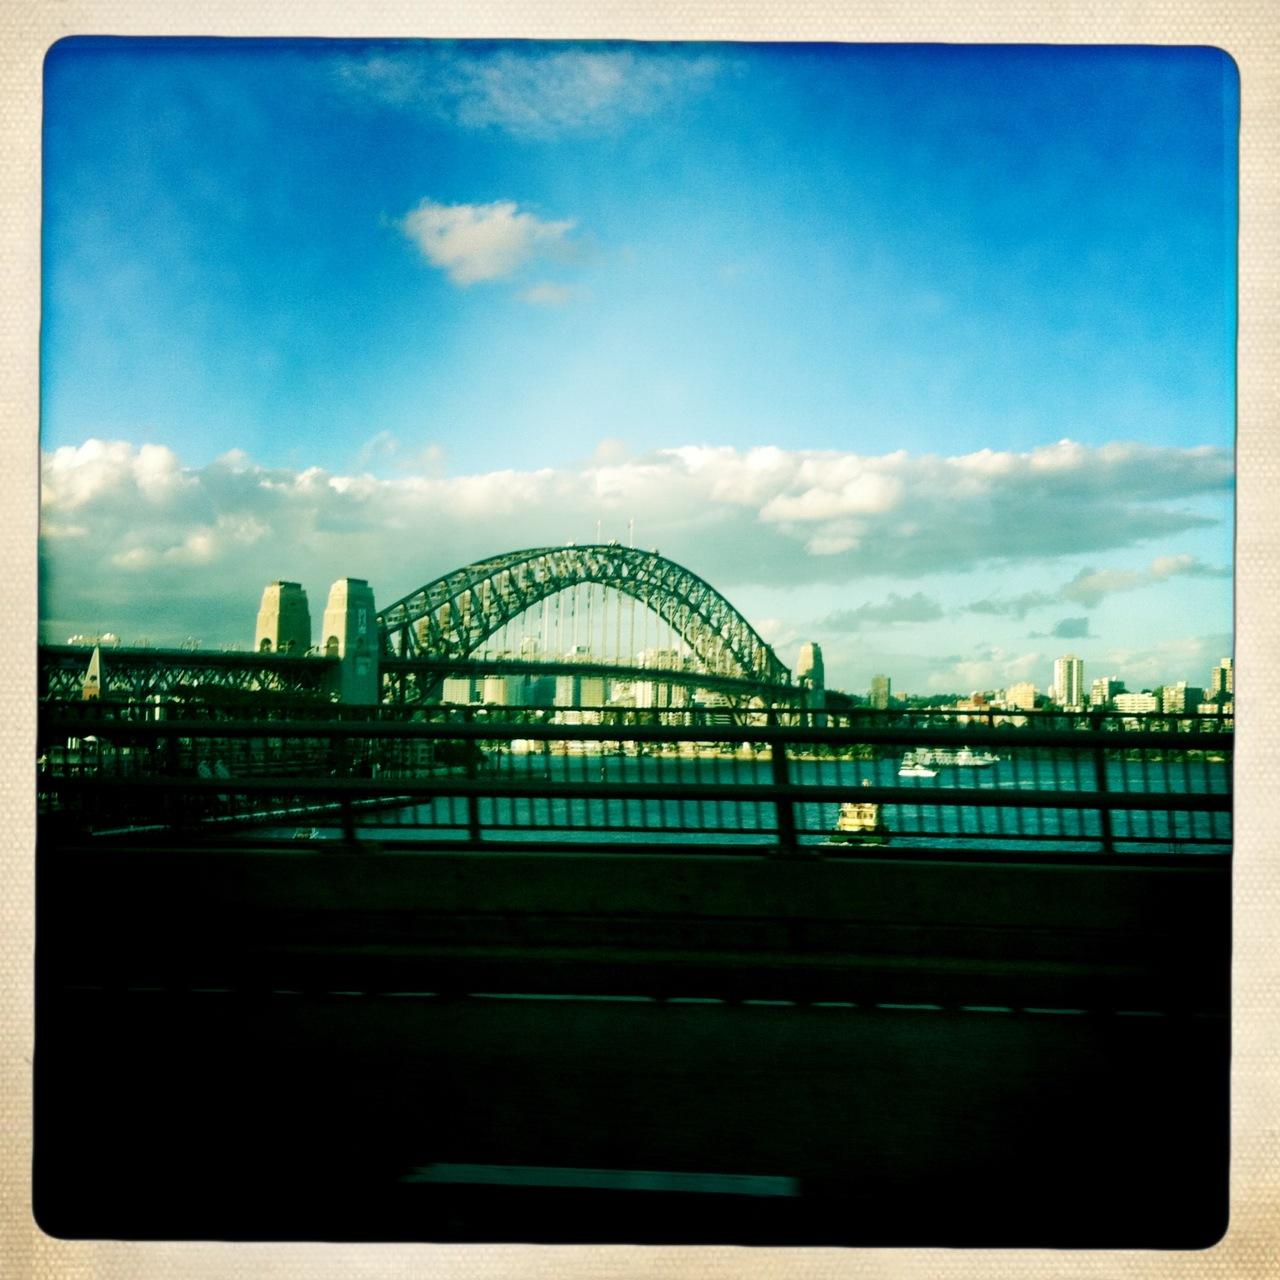 Harbour Bridge, première vision